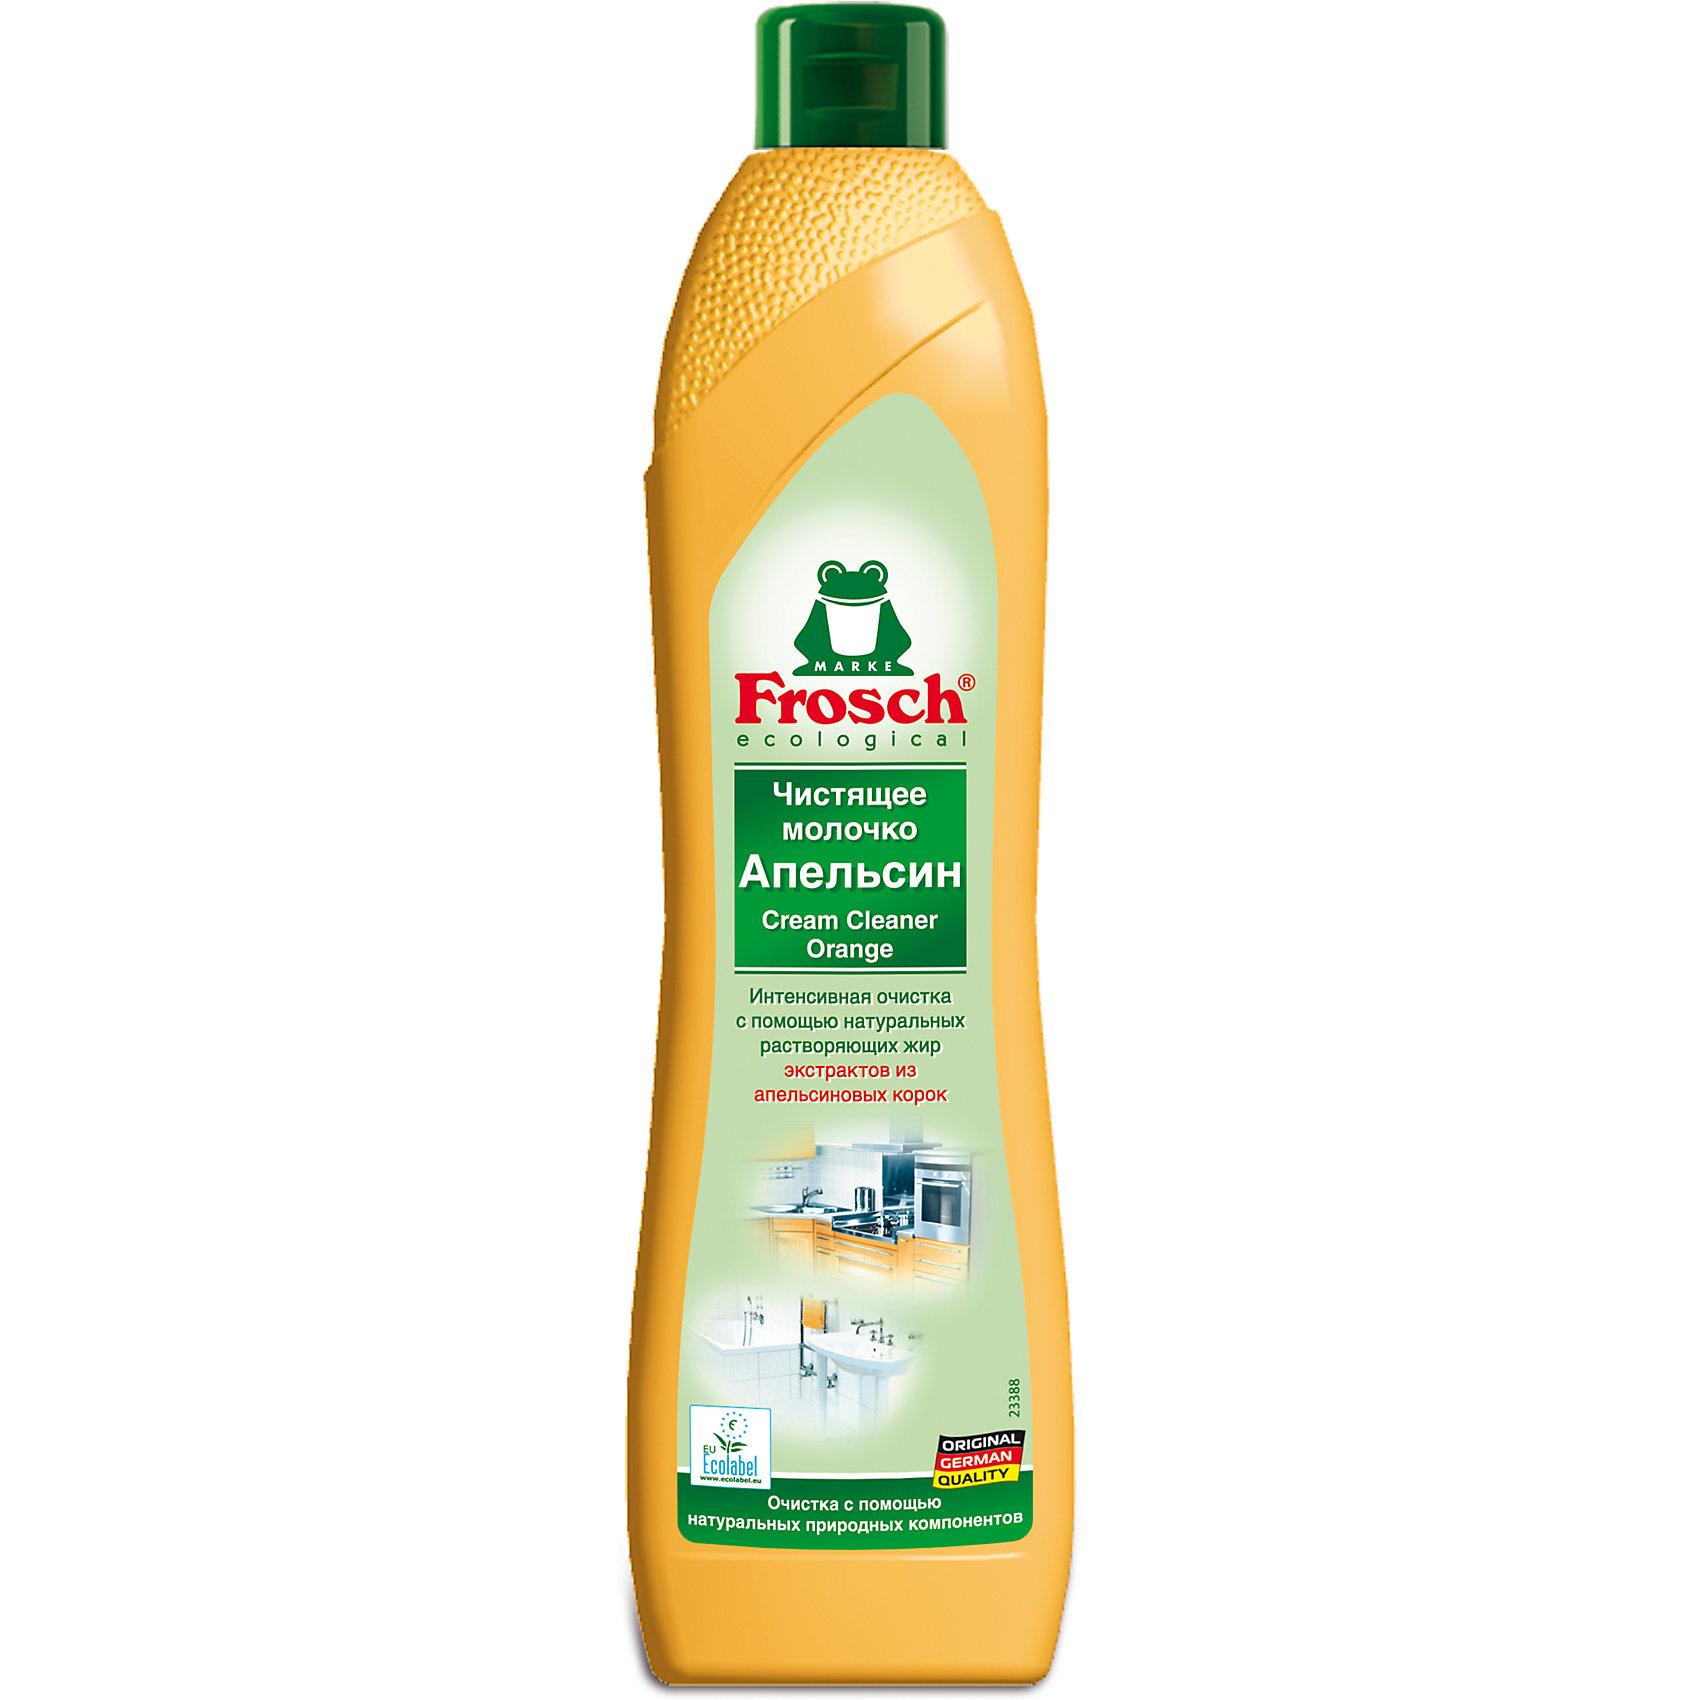 Чистящее молочко апельсин, 0,5 л., FroschХарактеристики товара:<br><br>• цвет: разноцветный<br>• объем: 500 мл<br>• упаковка: пластик<br>• страна бренда: Германия<br>• страна изготовитель: Германия<br><br>Чистящее молочко – бережная формула сильного чистящего средства. Frosch - мировой лидер по производству чистящих средств, основанный в Германии. Отличительная особенность жидкостей – их безопасность и экологичность. Универсальное средство помогает хозяйкам поддерживать чистоту в доме без особых усилий и затрат. Химическая формула растворяет сложные загрязнения и придает цитрусовый аромат. Материалы, использованные при изготовлении товара, сертифицированы и отвечают всем международным требованиям по качеству. <br><br>Чистящее молочко апельсин, 0,5 л, от немецкого производителя Frosch (Фрош) можно приобрести в нашем интернет-магазине.<br><br>Ширина мм: 68<br>Глубина мм: 45<br>Высота мм: 262<br>Вес г: 710<br>Возраст от месяцев: 216<br>Возраст до месяцев: 1188<br>Пол: Унисекс<br>Возраст: Детский<br>SKU: 5185727